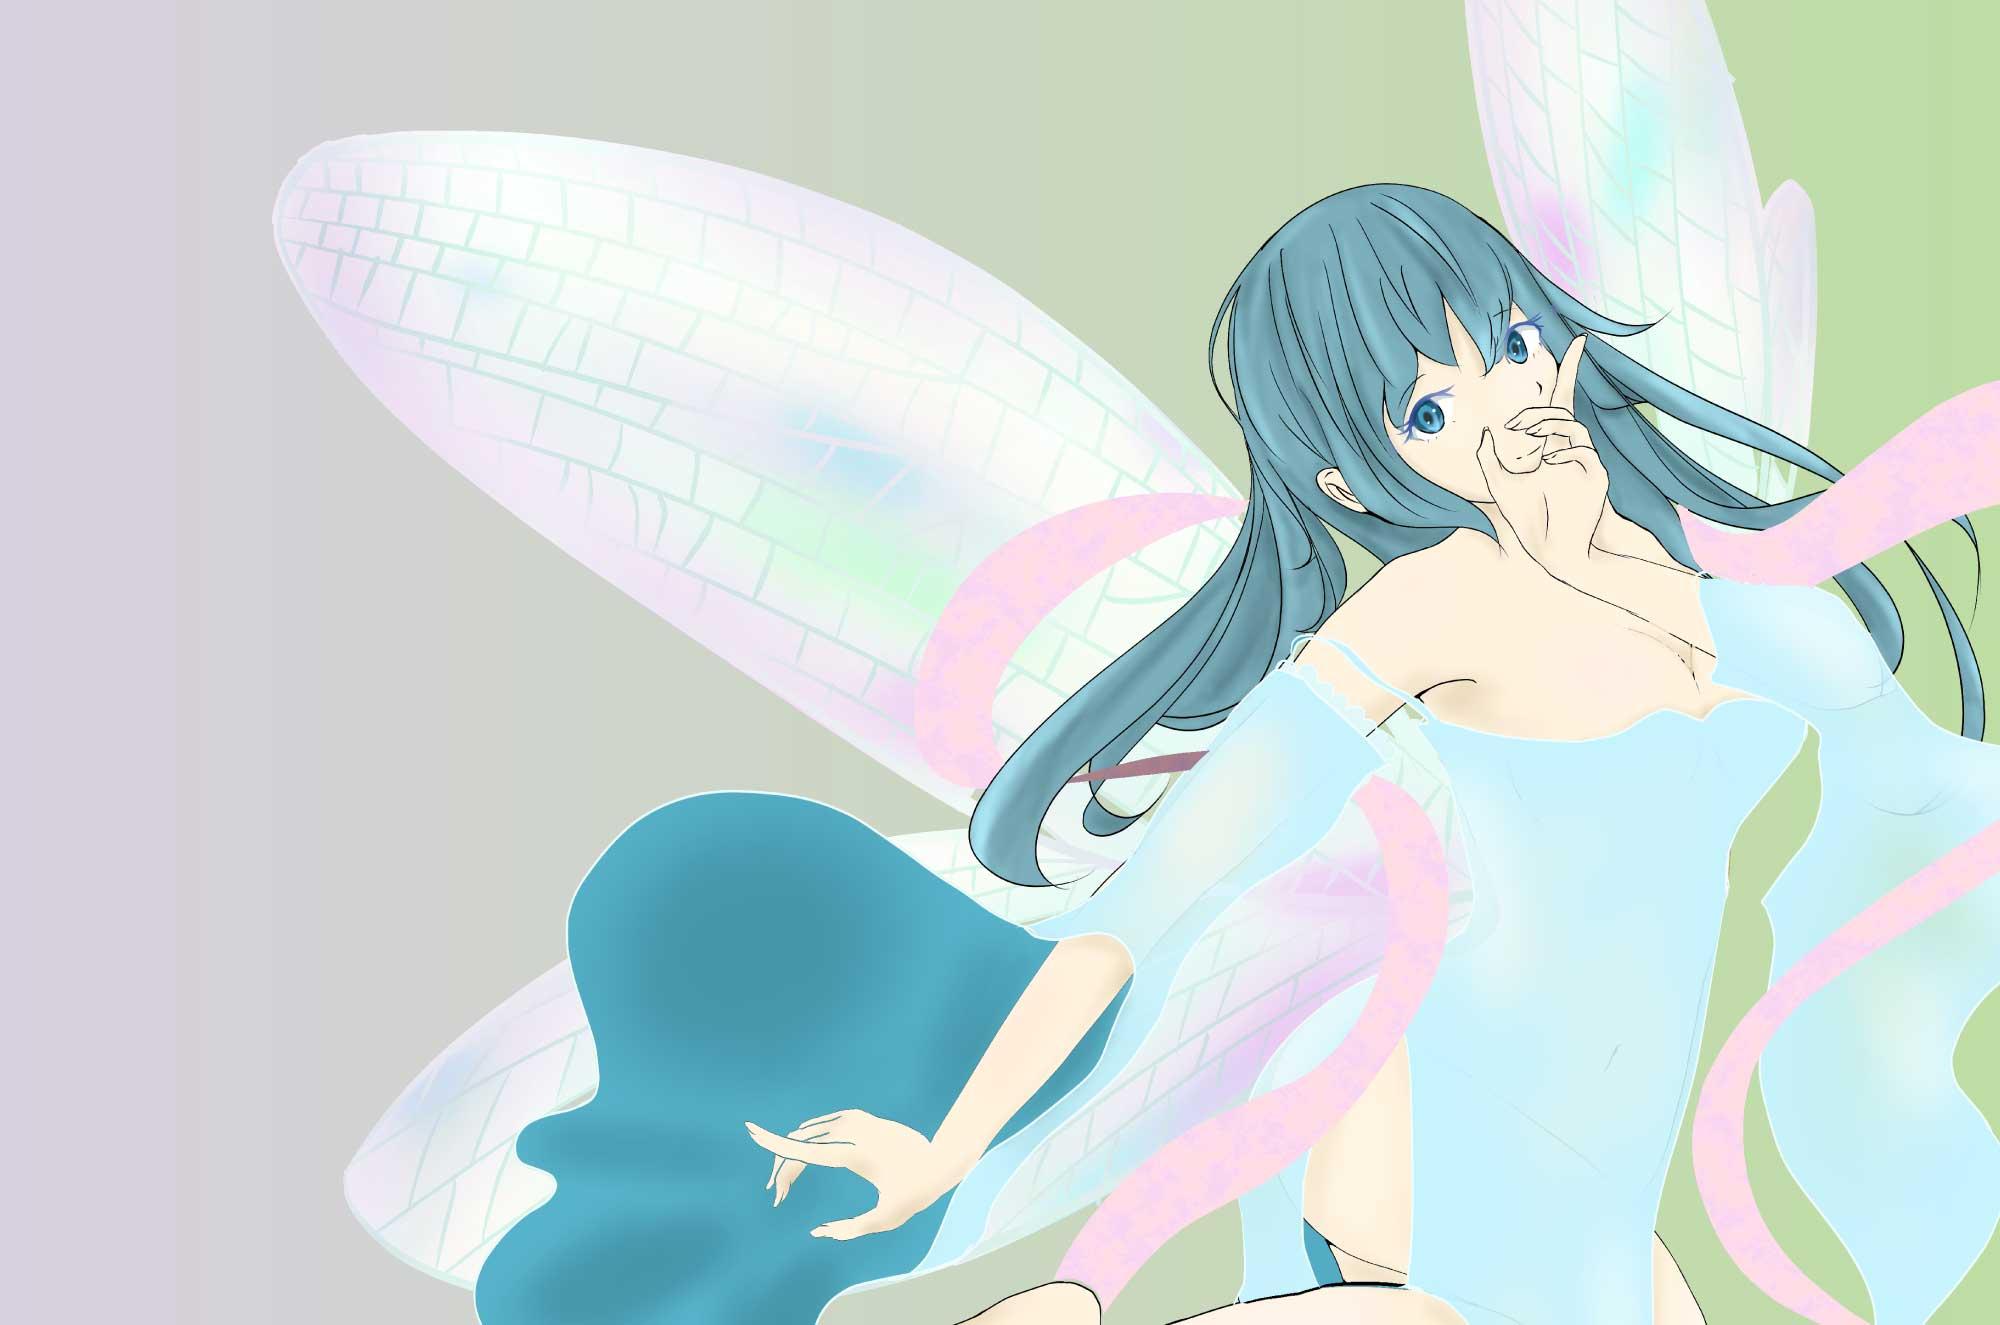 妖精ピクシーのイラスト - 可愛いクリーチャー素材